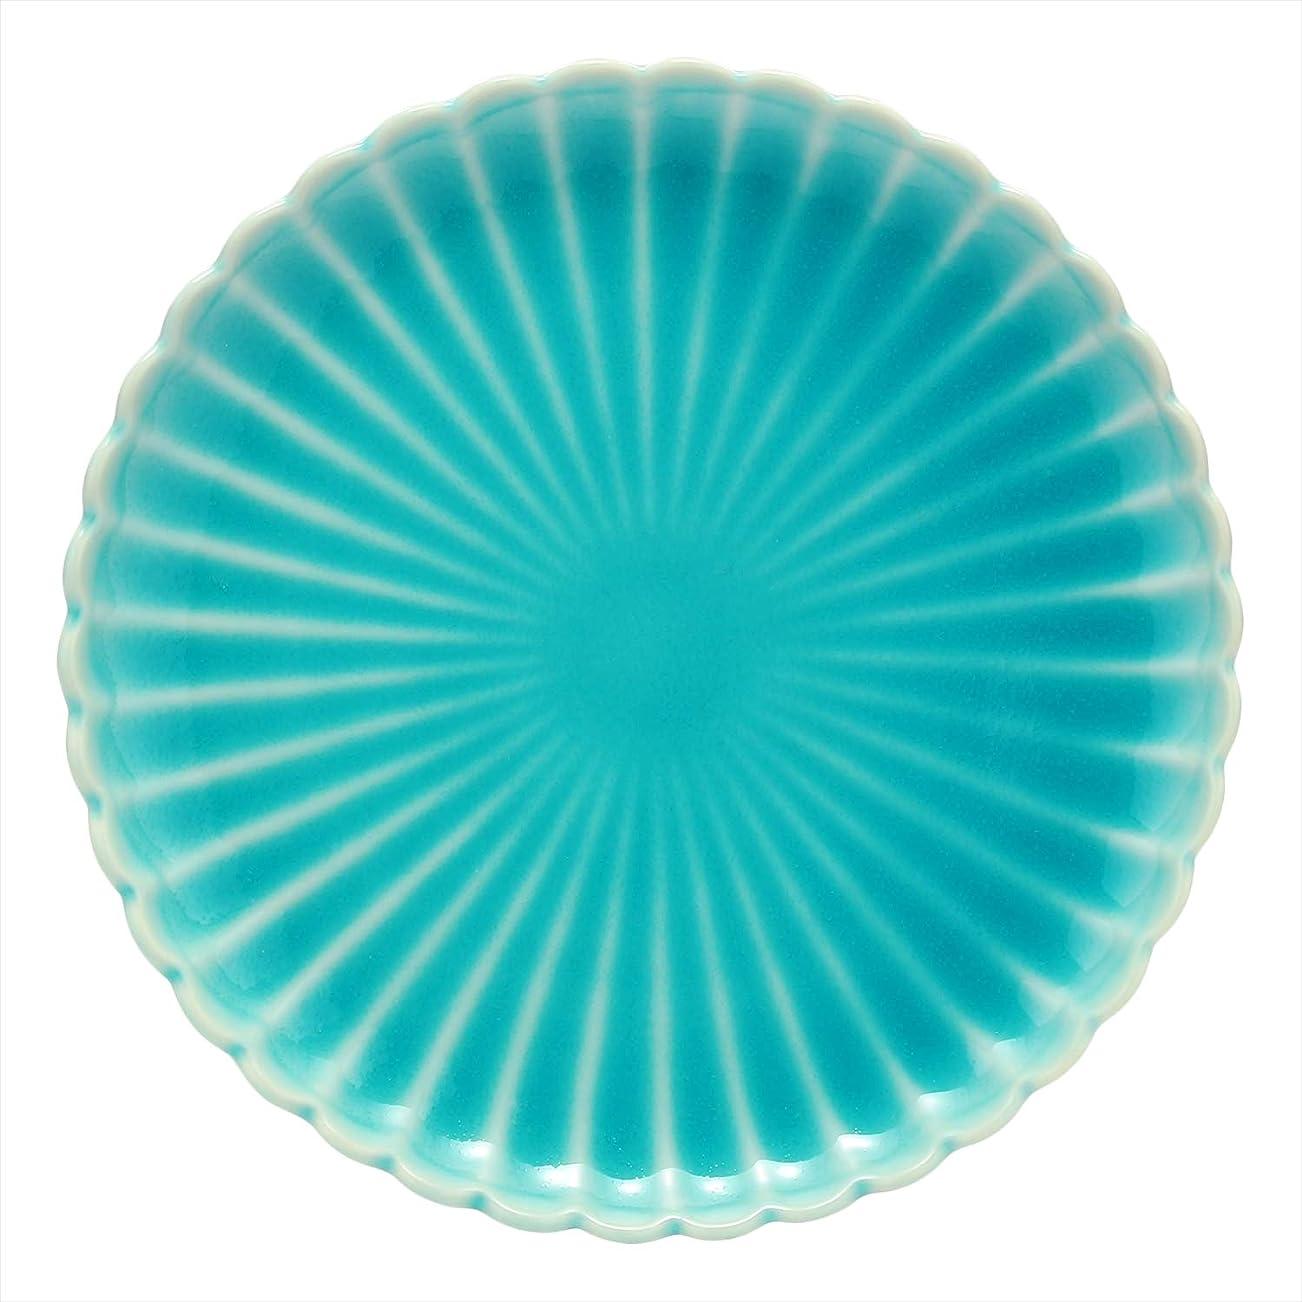 ホバーアッパー弱点日上質器 中皿 青 17cm 波佐見焼 鎬 (しのぎ) 和皿 青磁 30708